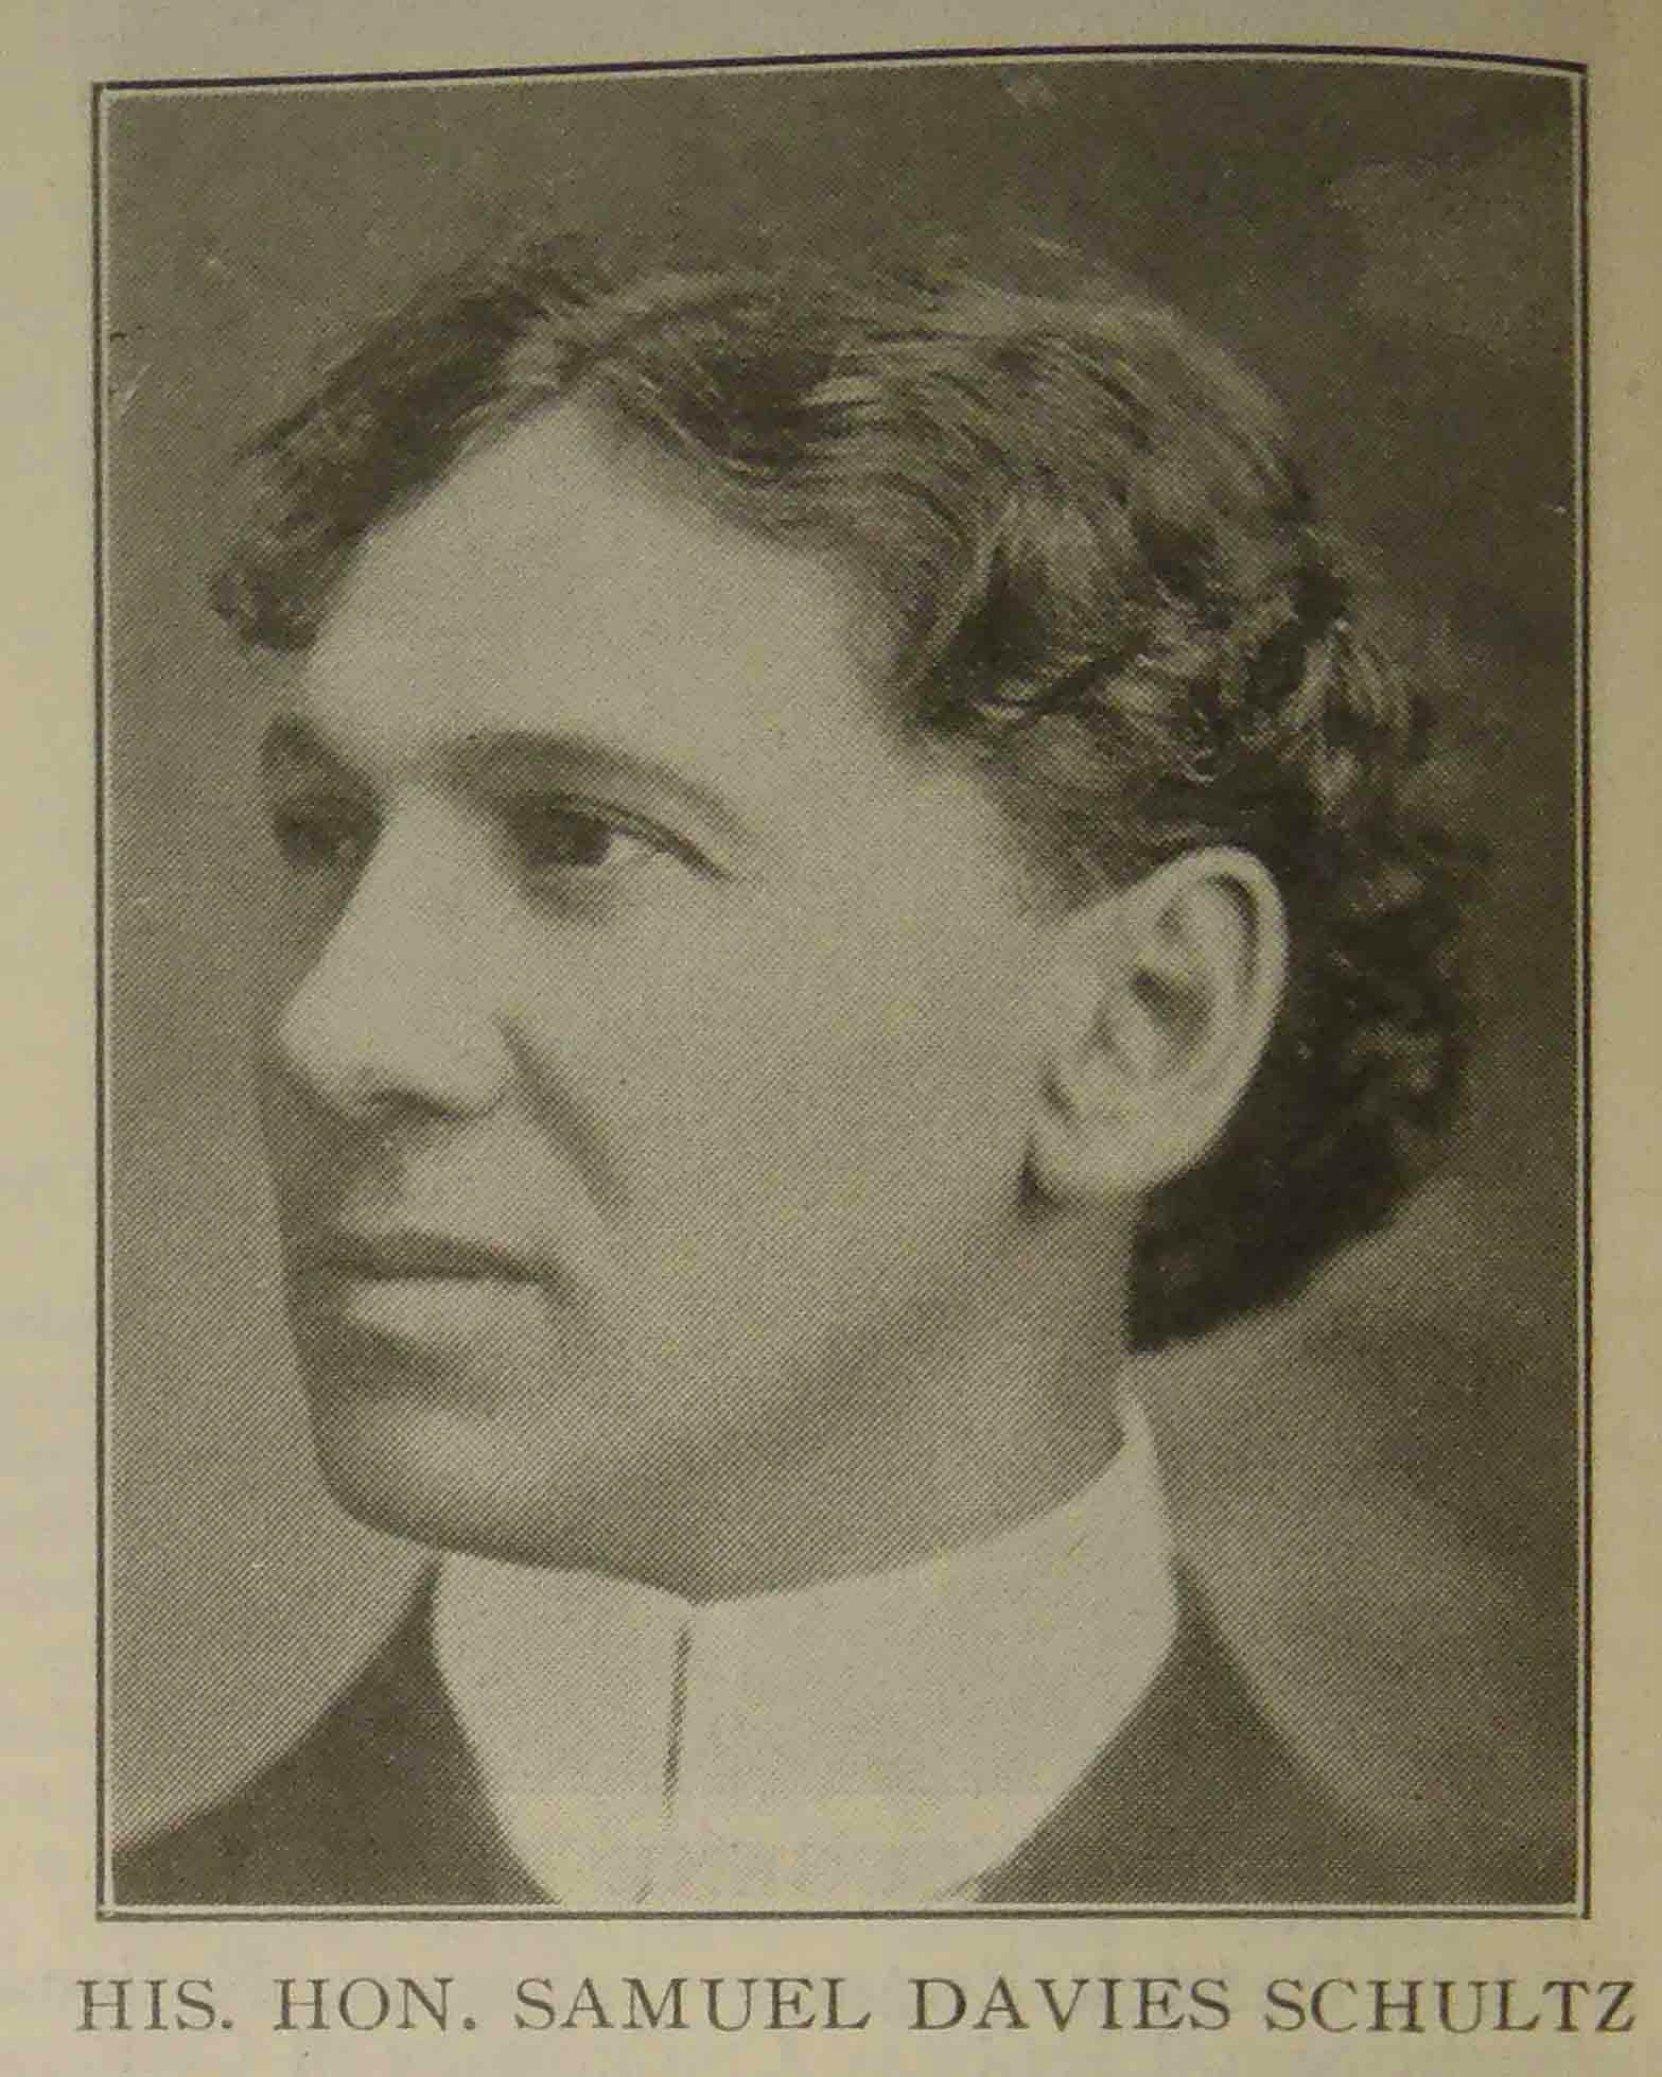 Samuel Davies Schultz (1865-1917)